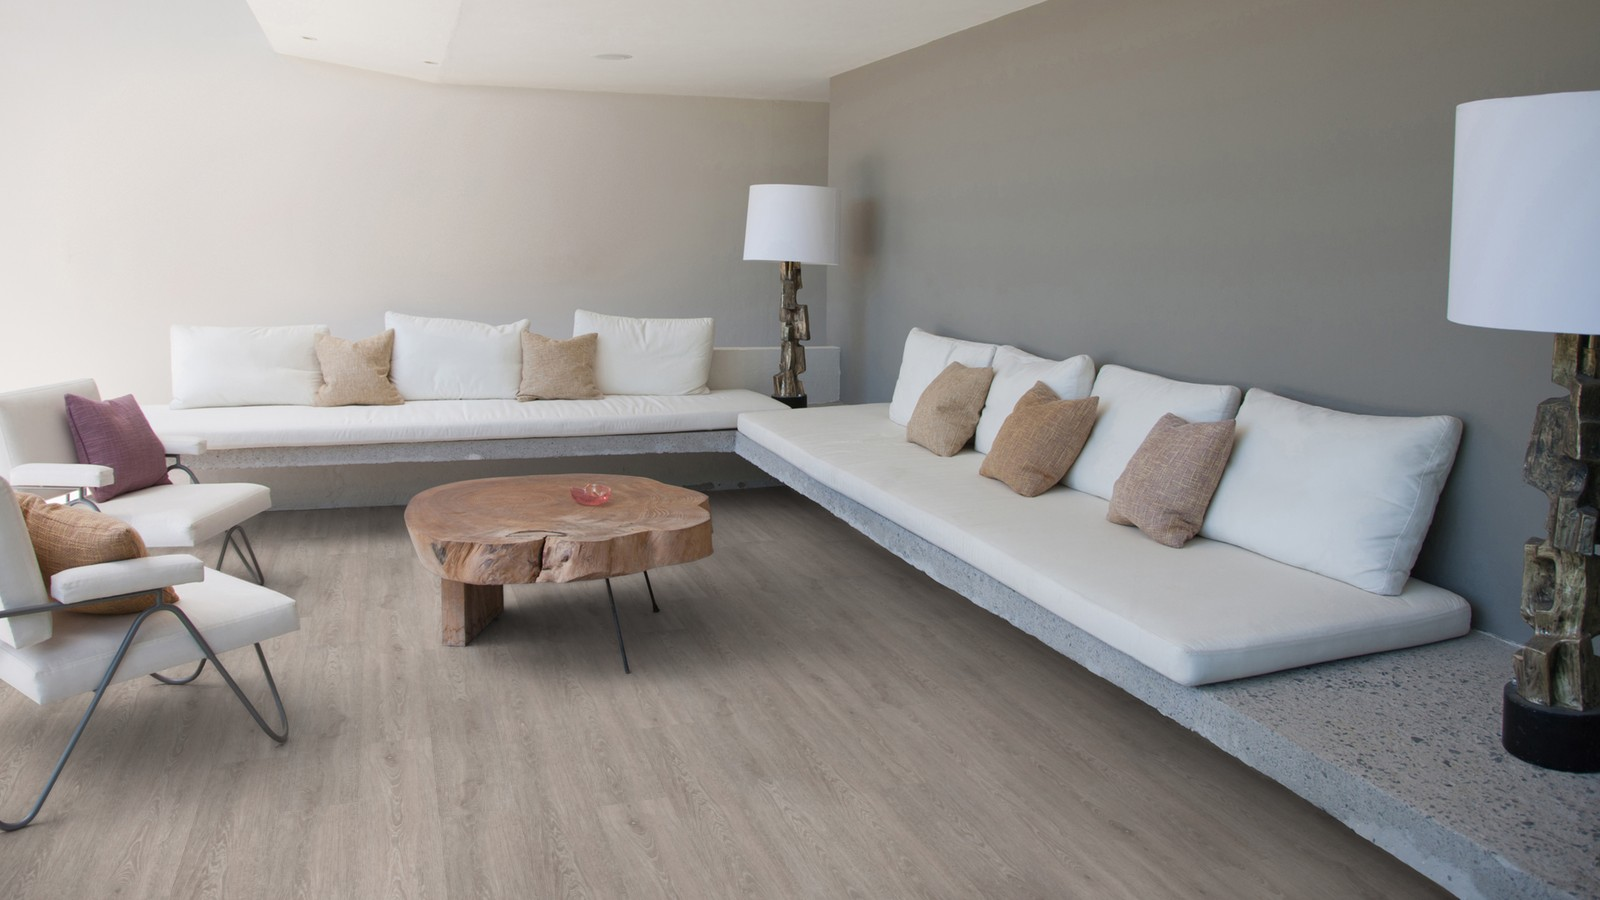 Topvloeren | PVC Wicanders vinylcomfort limed grey oak